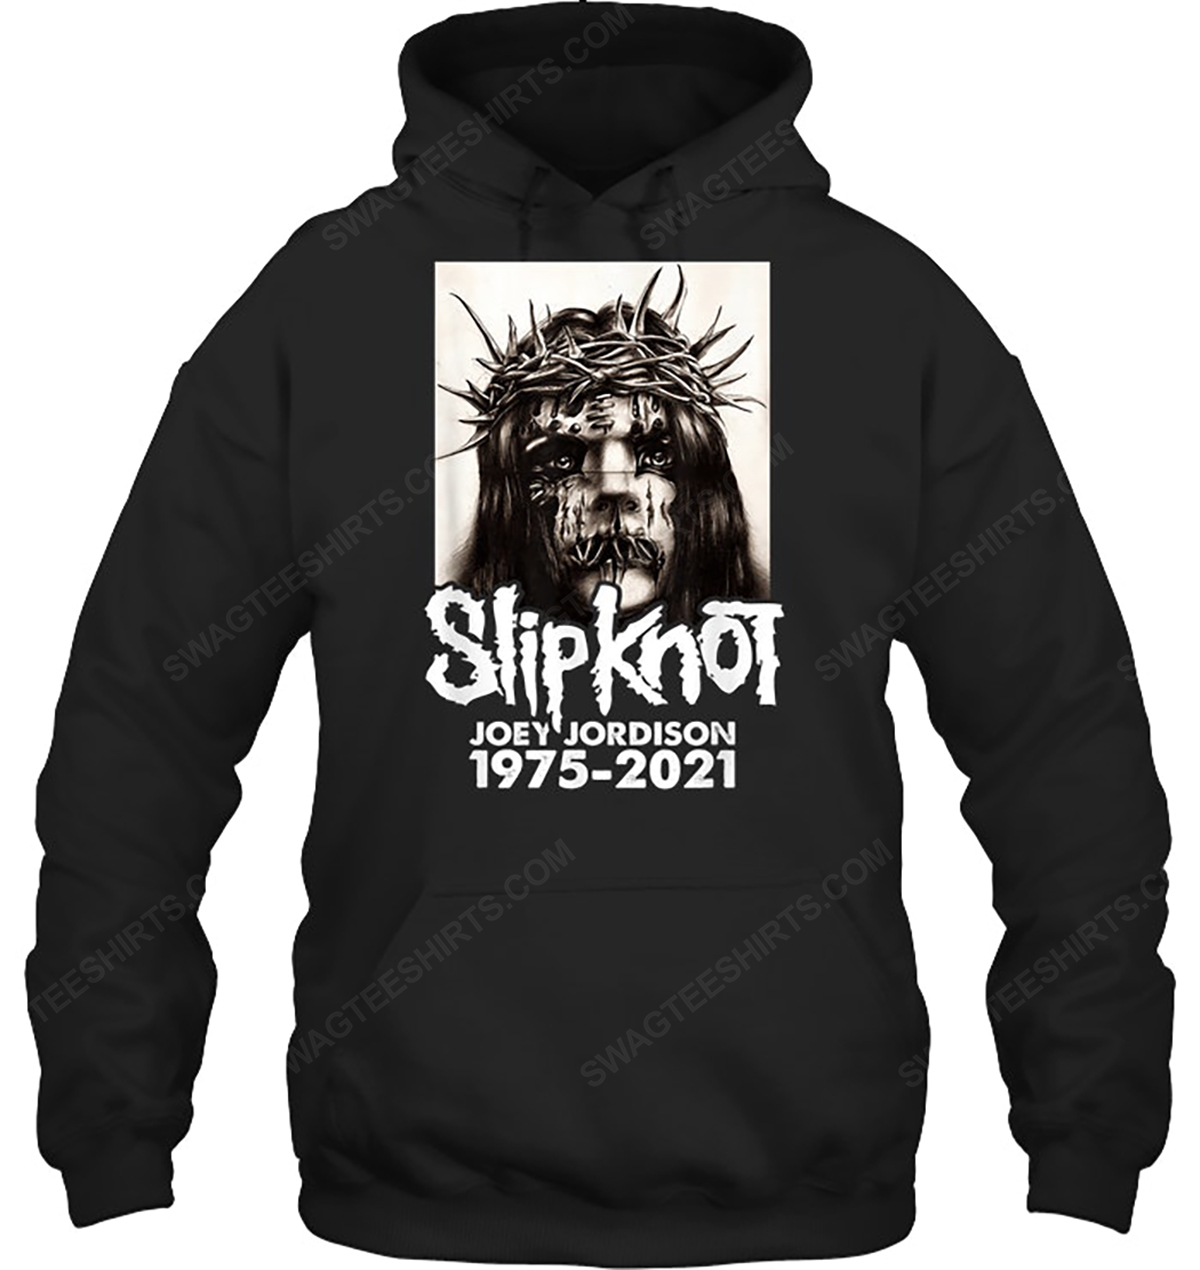 Rock band slipknot joey jordison 1975 2021 hoodie 1